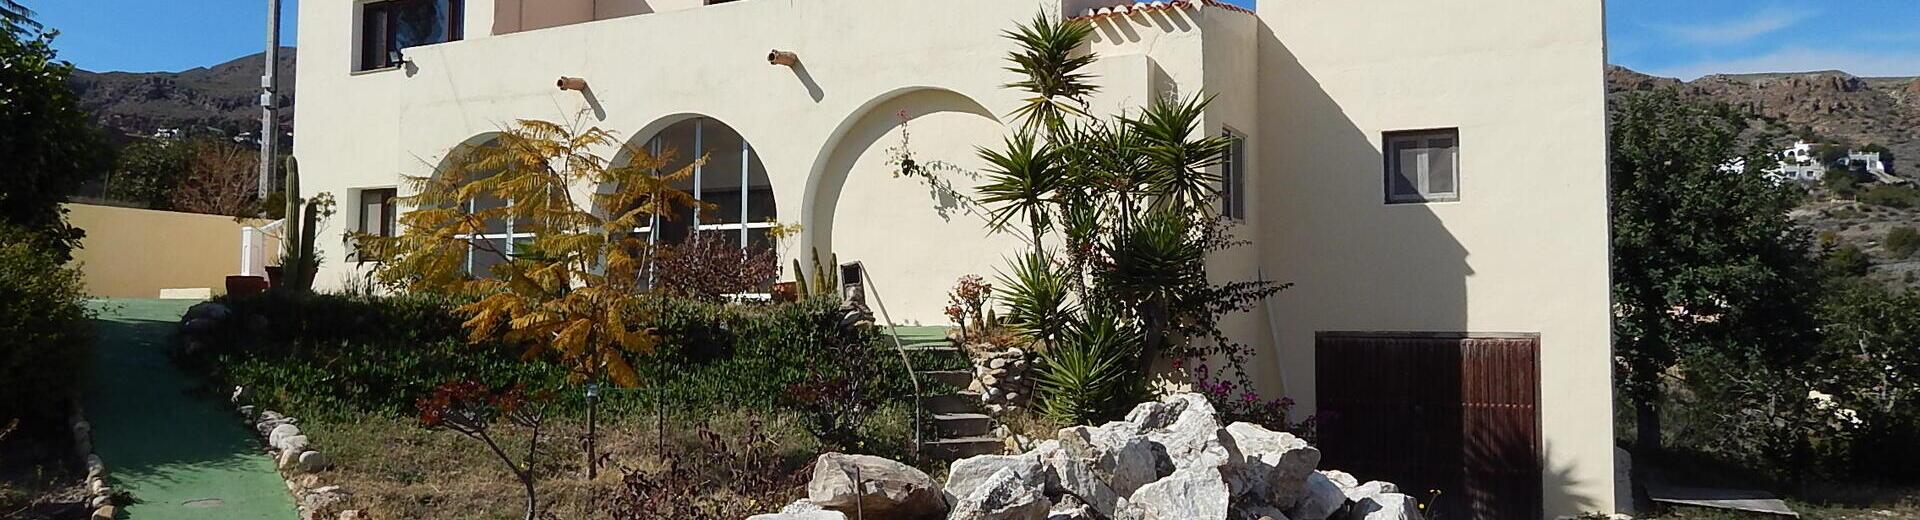 VIP7533: Villa for Sale